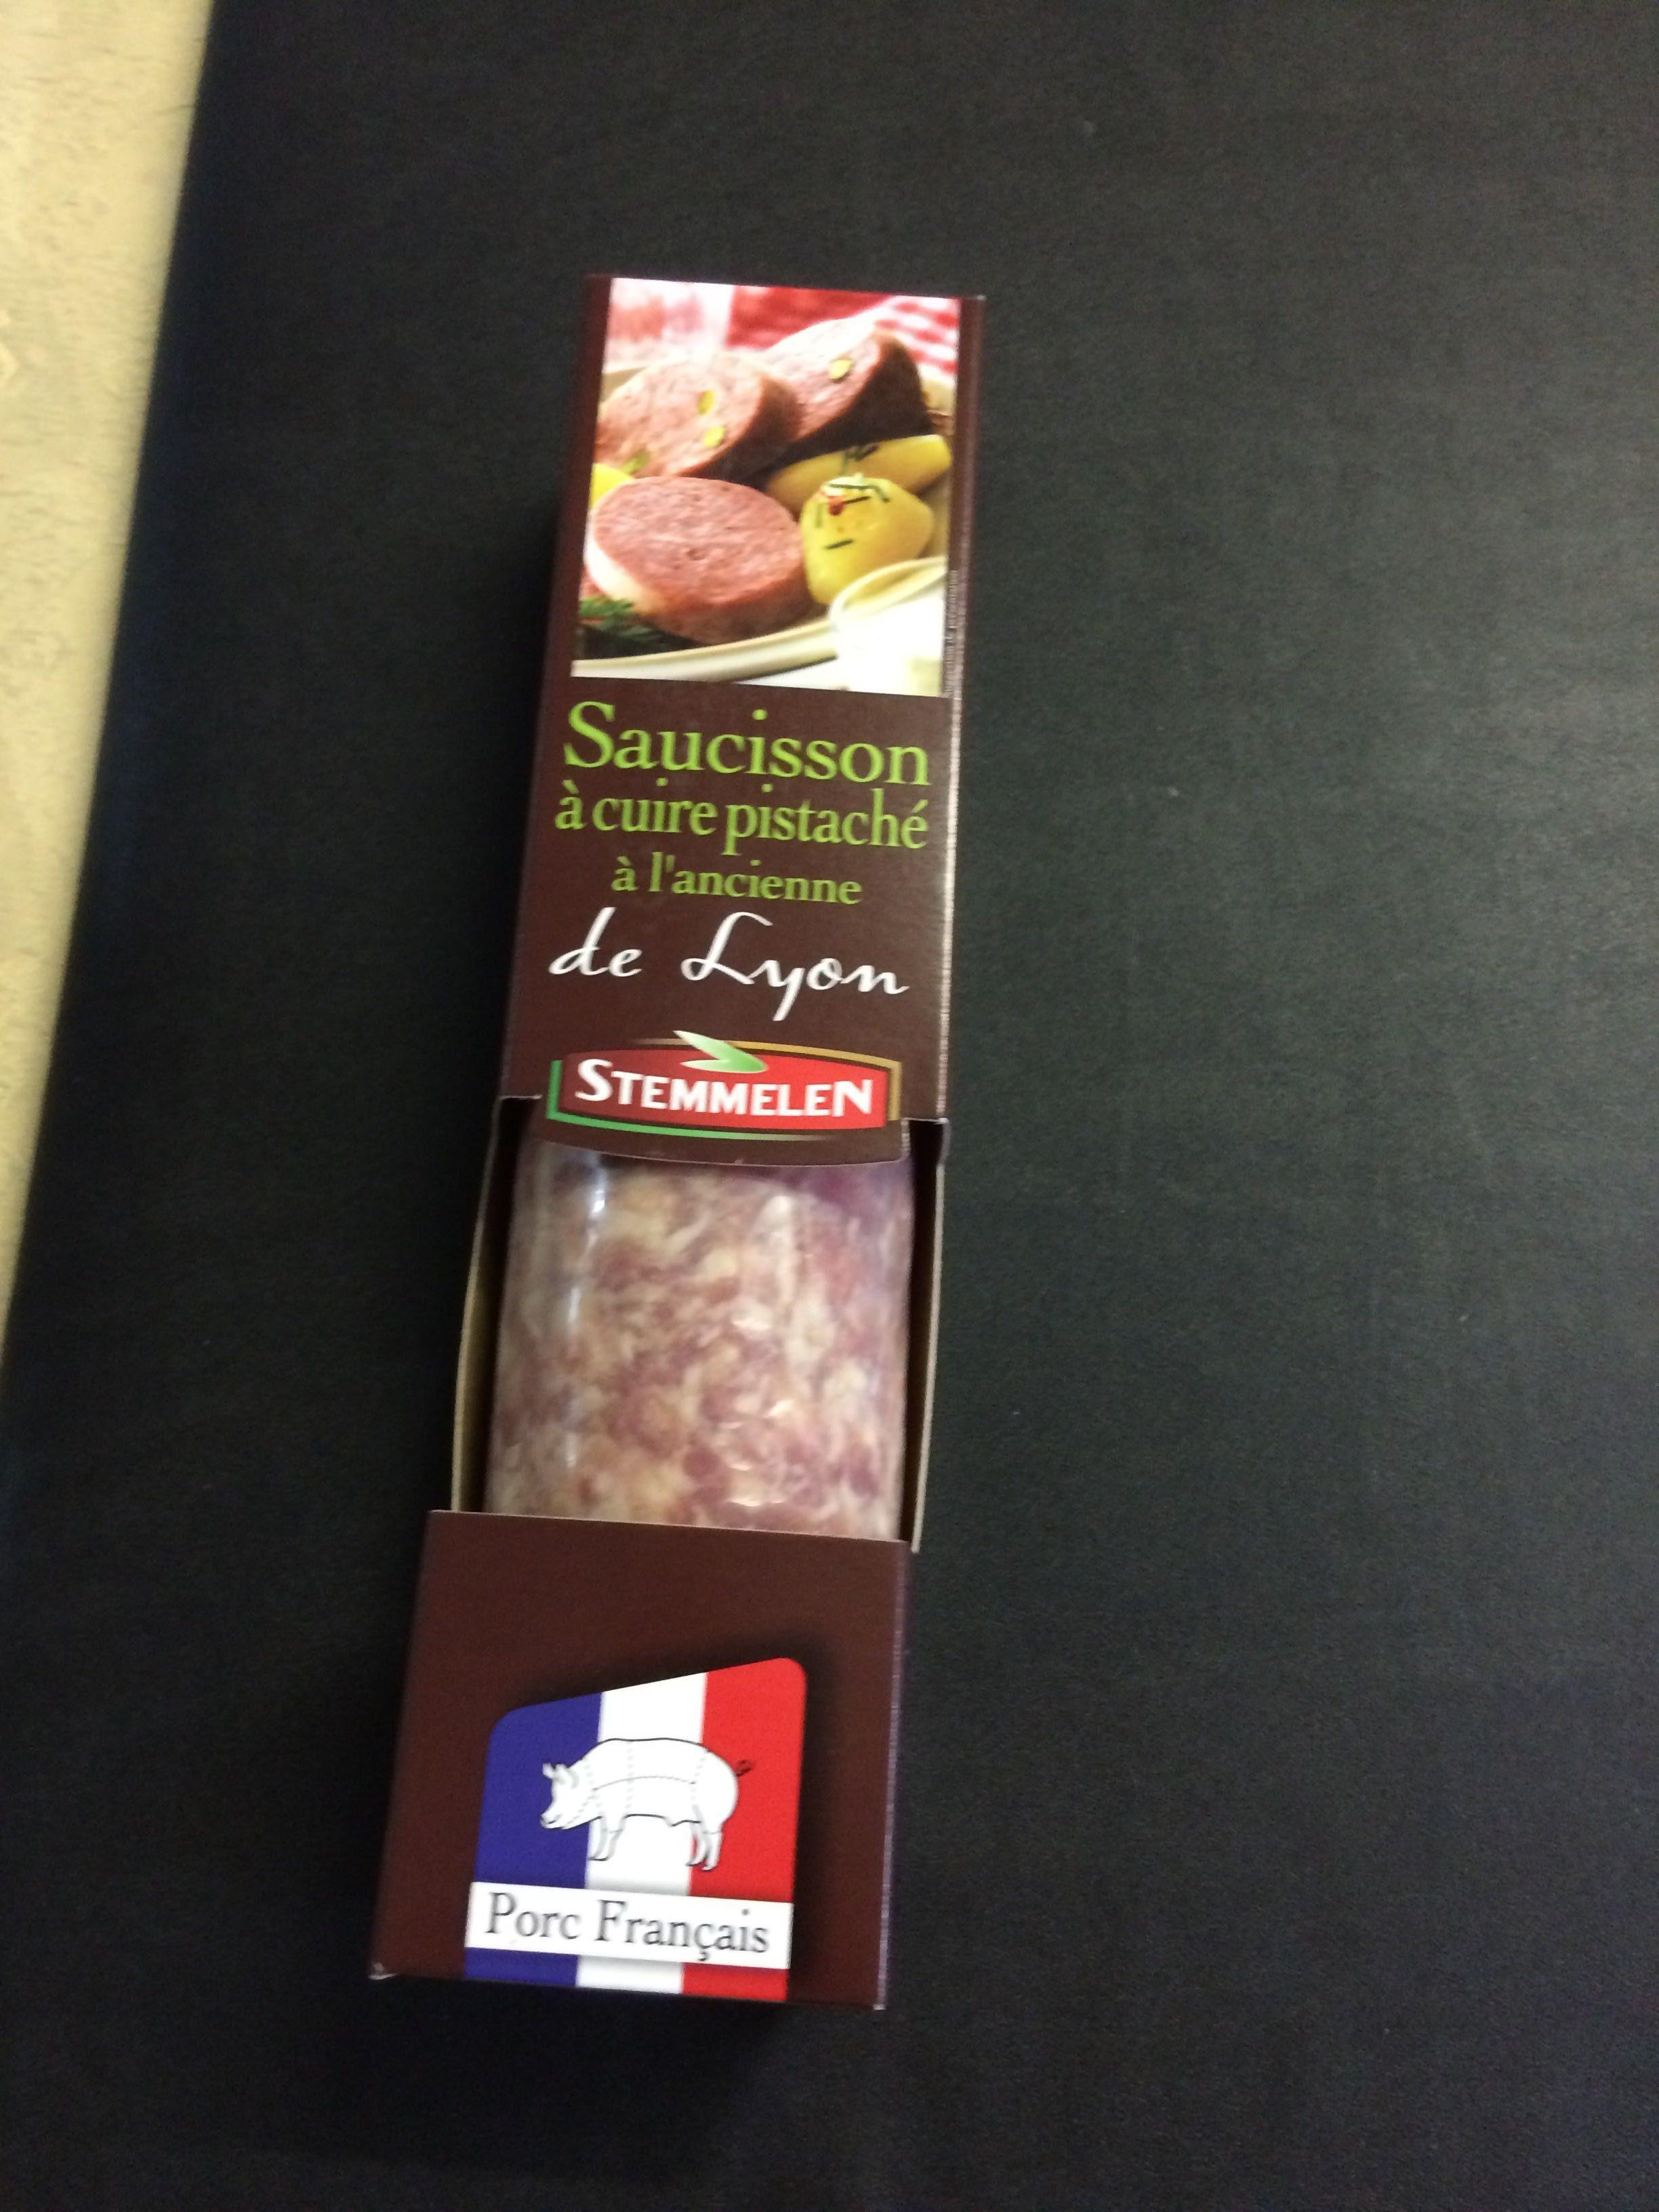 Saucisson à cuire pistaché à l'ancienne de Lyon - Produit